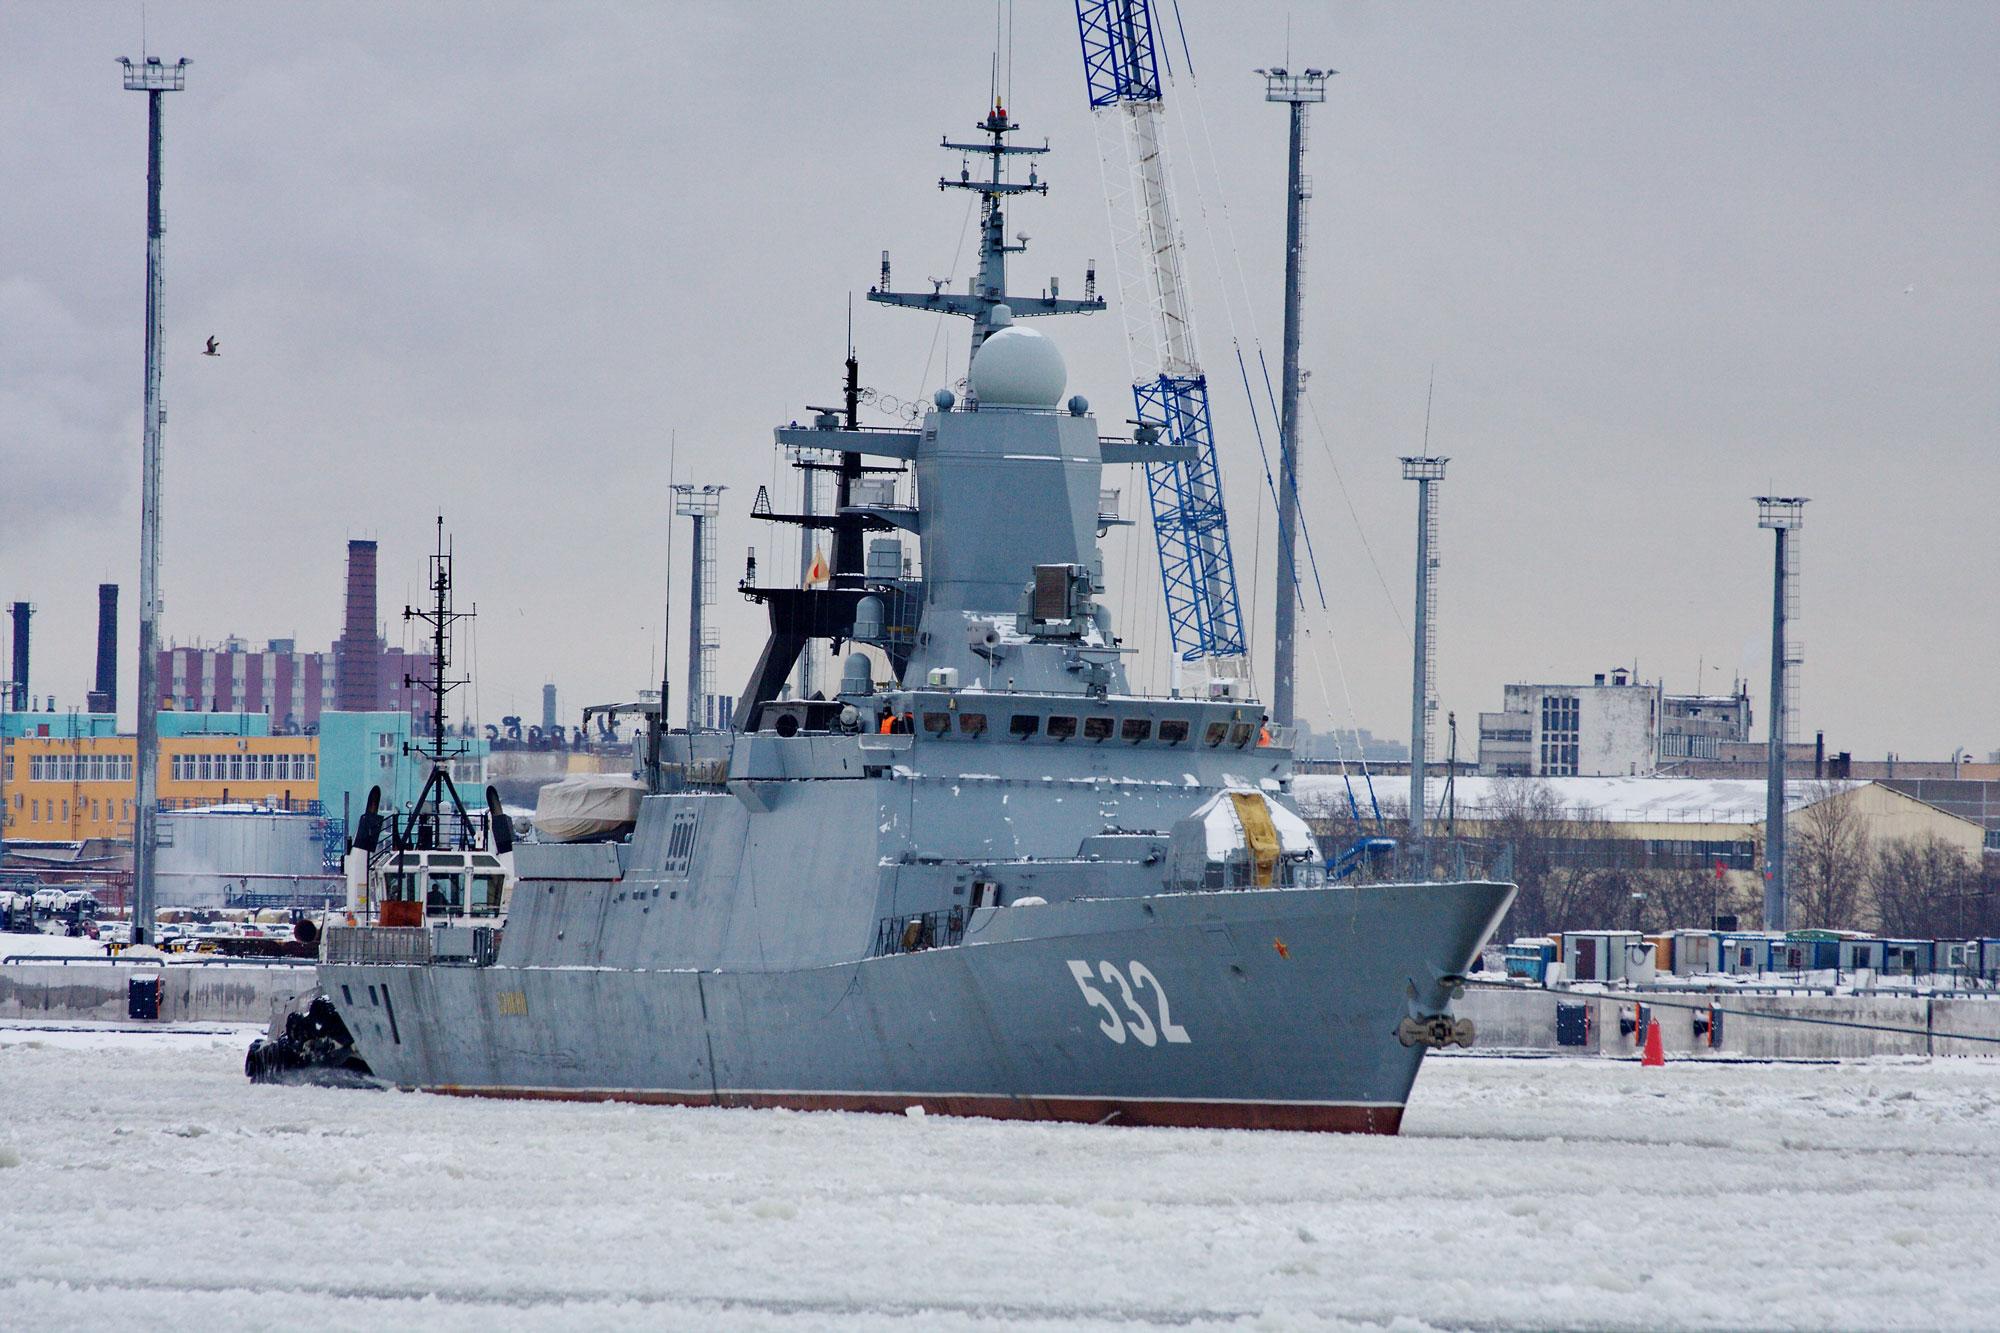 Российский корвет &quot;Бойкий&quot; проекта 20380<br>Источник: http://www.shipspotting.com/.